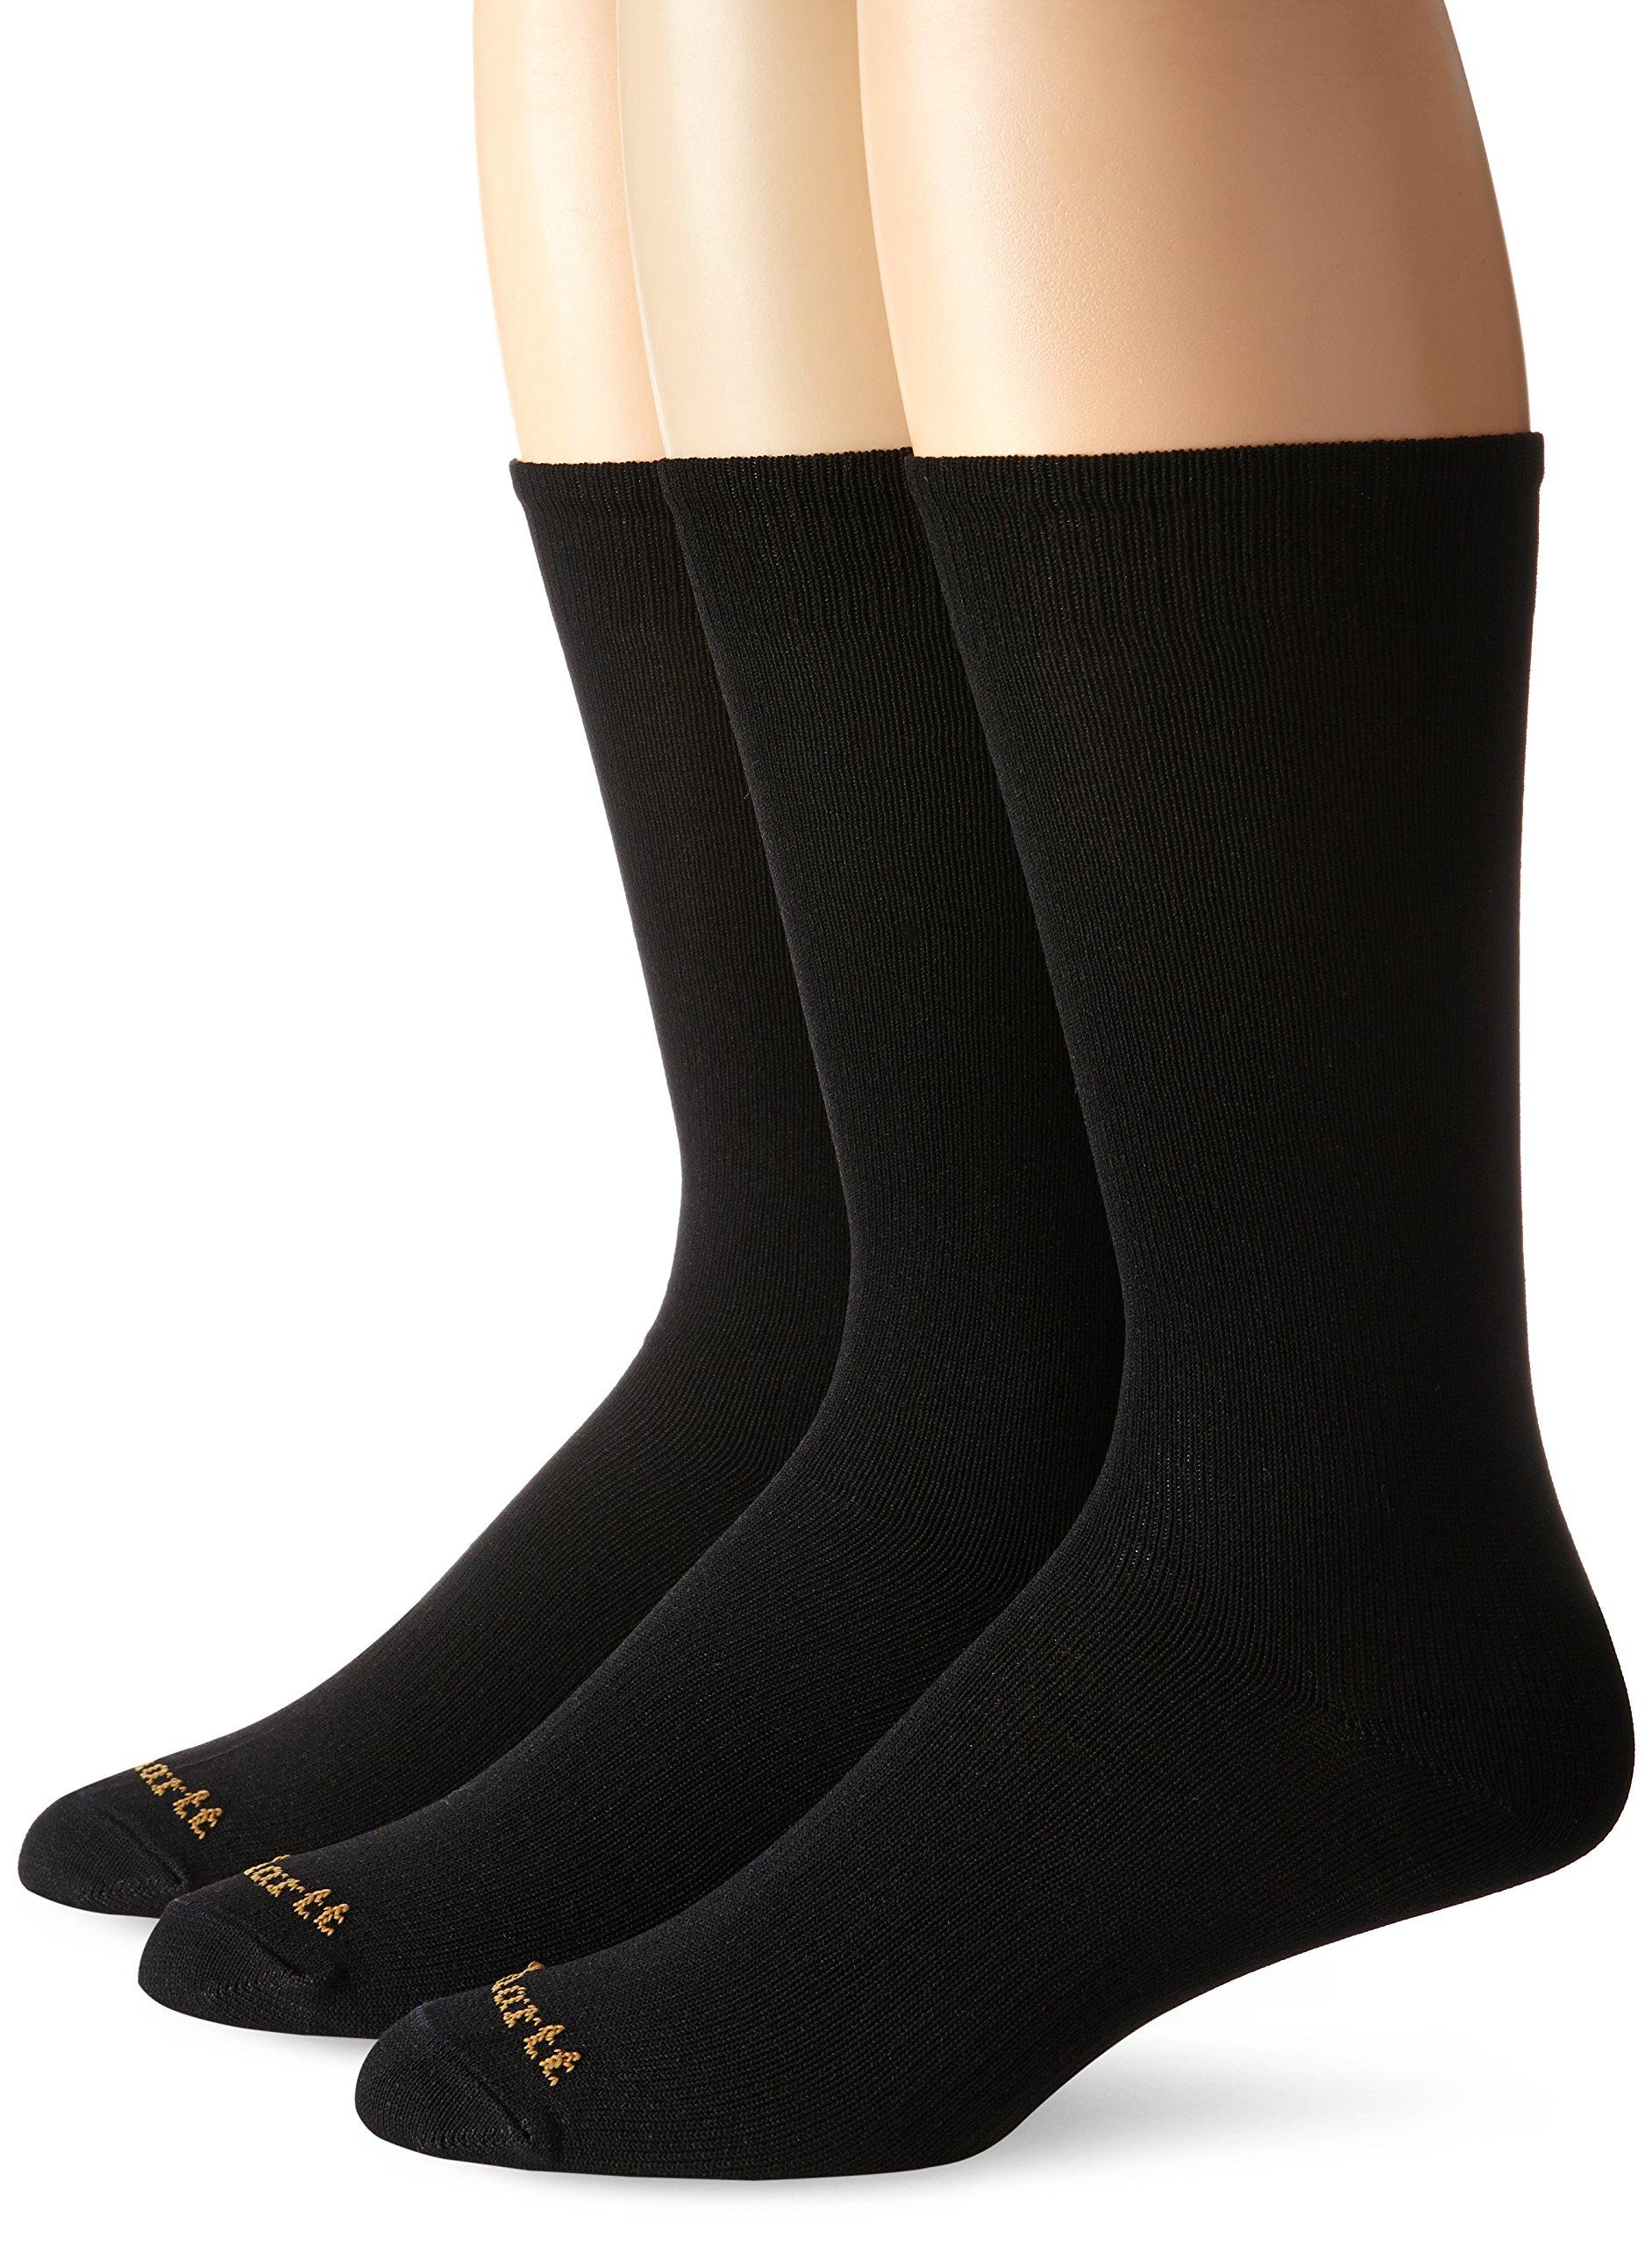 Carhartt Men's 3 Pack Liner Socks,  Black, Sock Size:10-13/Shoe Size: 6-12